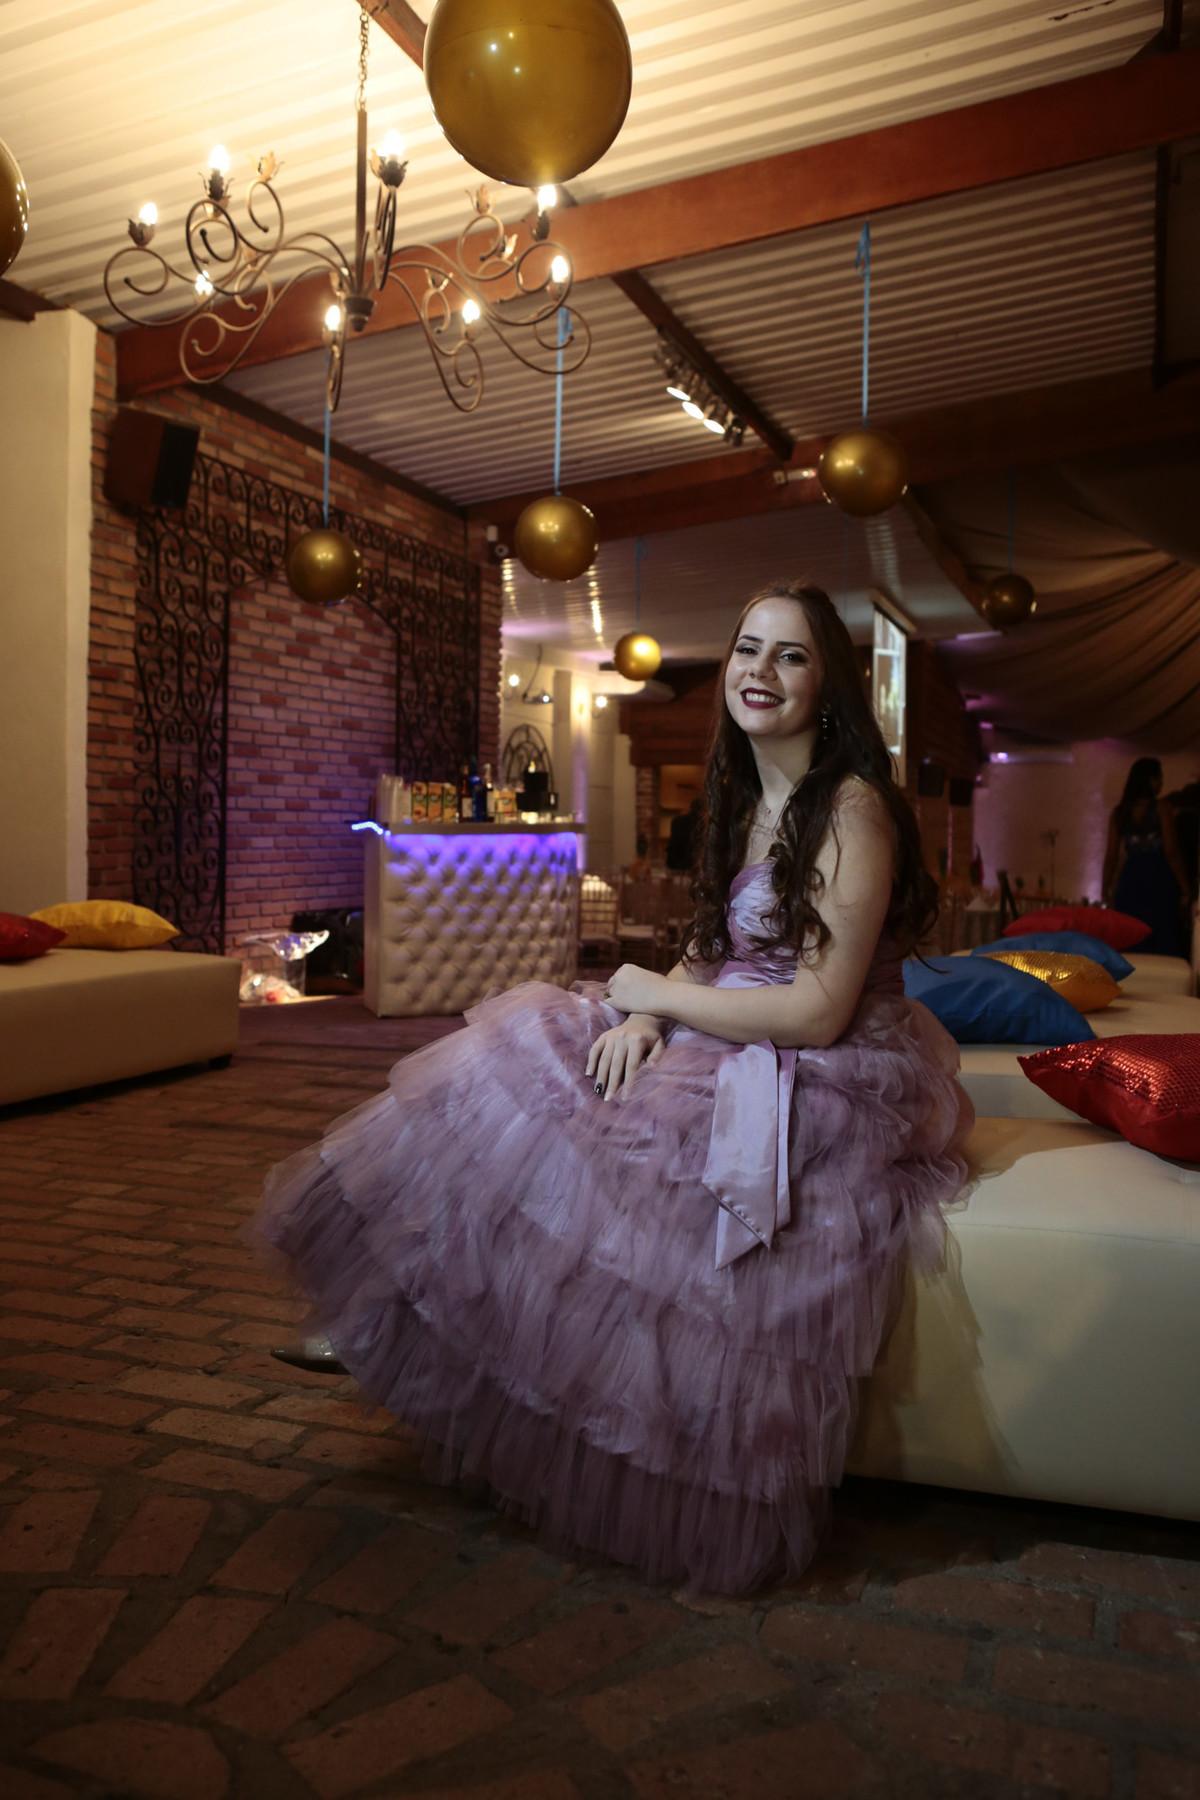 Fotos do Aniversário 15 anos da Fernanda D'avila no buffet grande ville